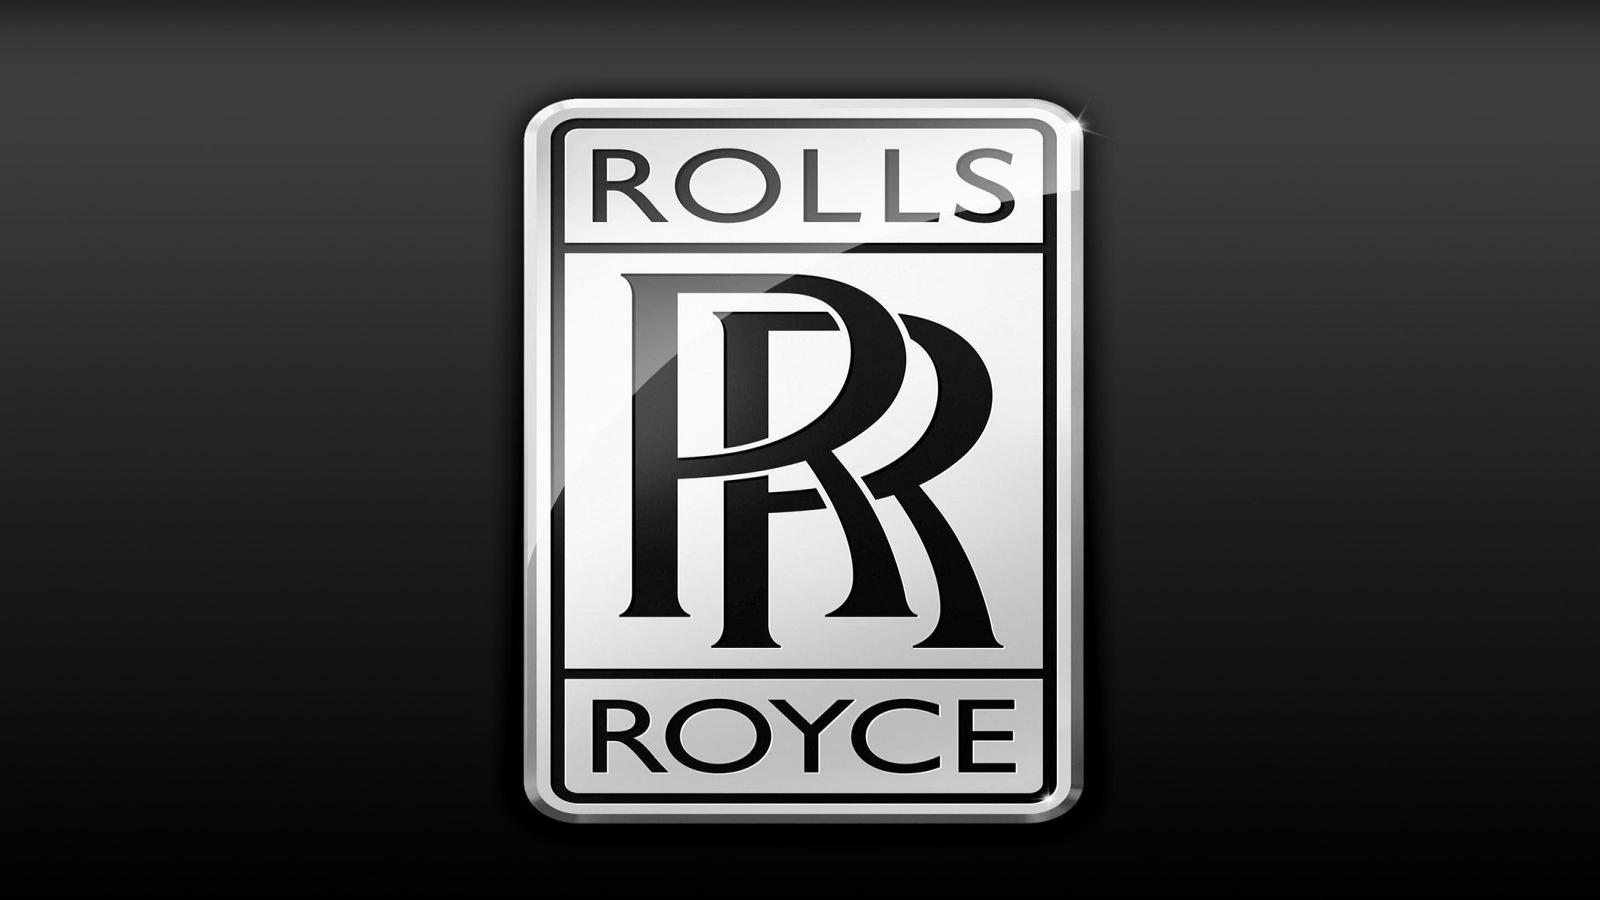 Honor zřejmě nabídne luxusní mobil v rámci Rolls Royce edice